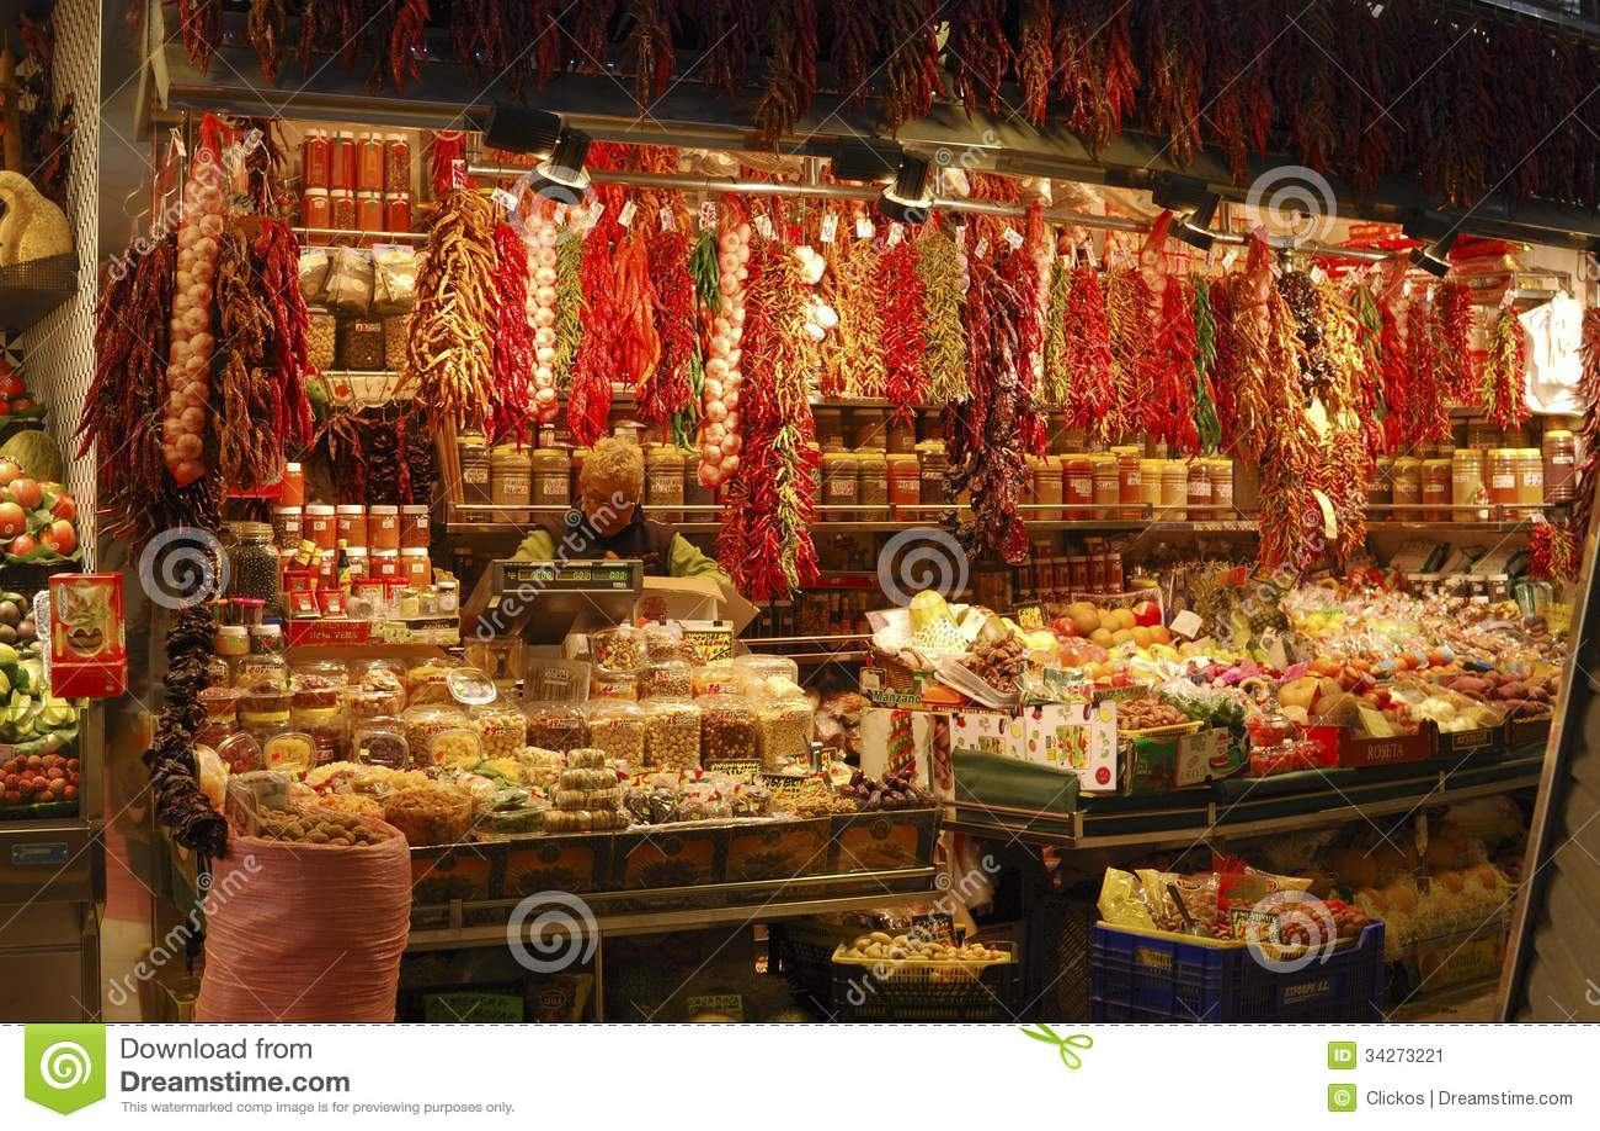 Tienda de la charcuter a en mercado barcelona espa a - Mercados de segunda mano barcelona ...